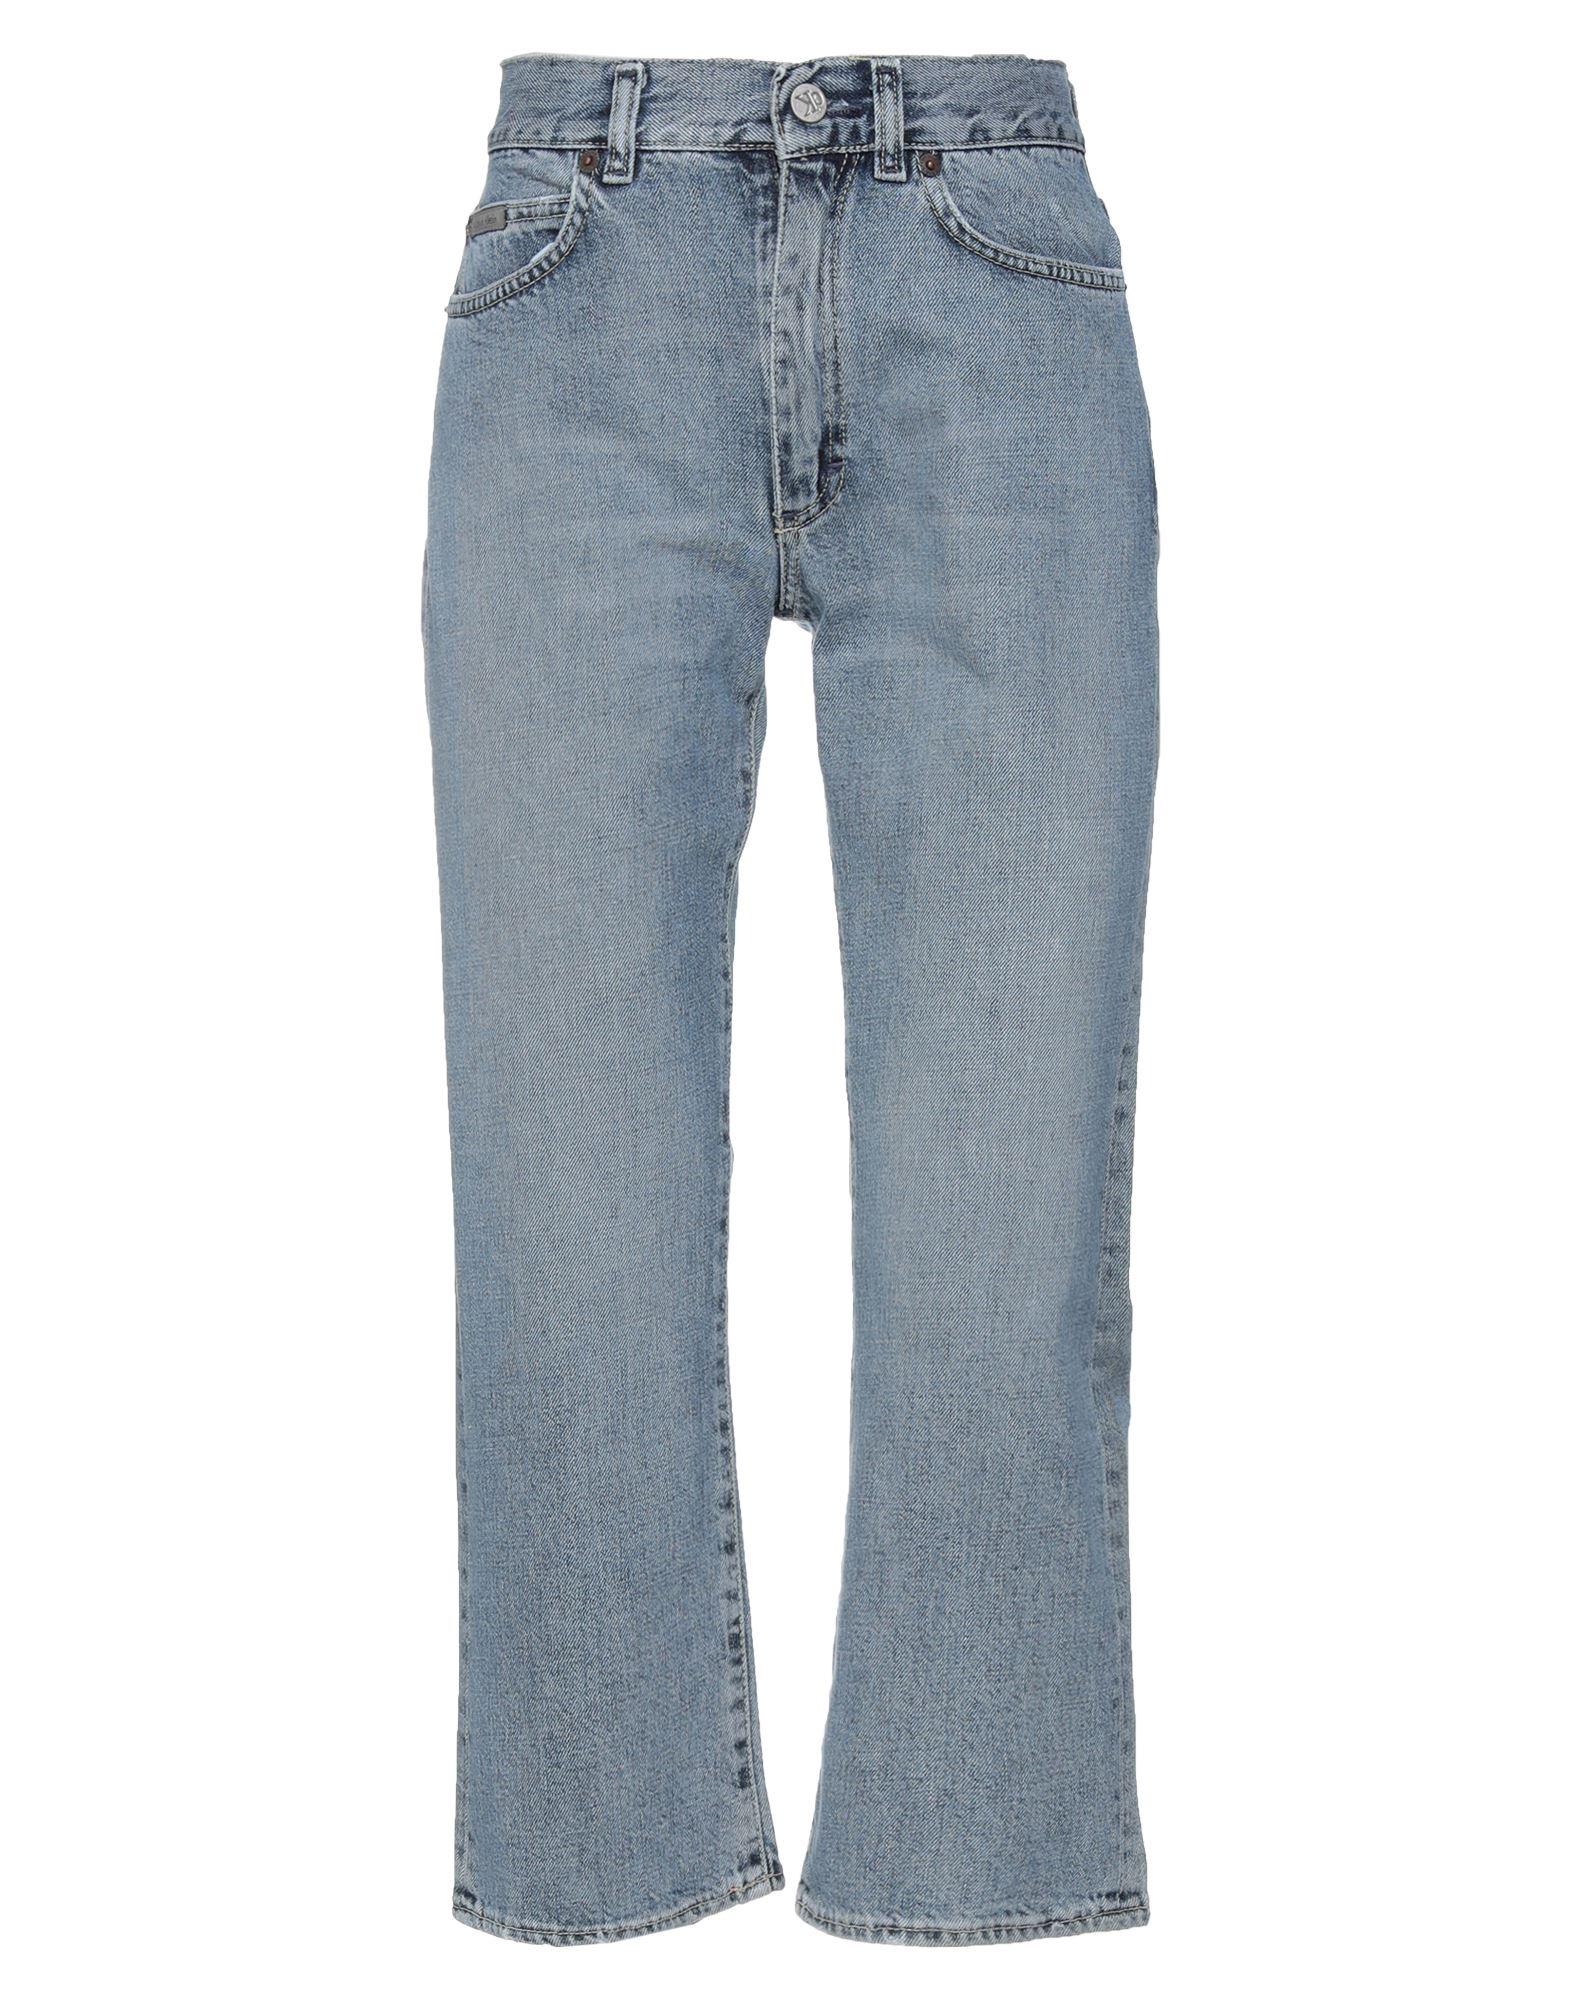 CALVIN KLEIN JEANS Укороченные джинсы джинсы calvin klein jeans джинсы